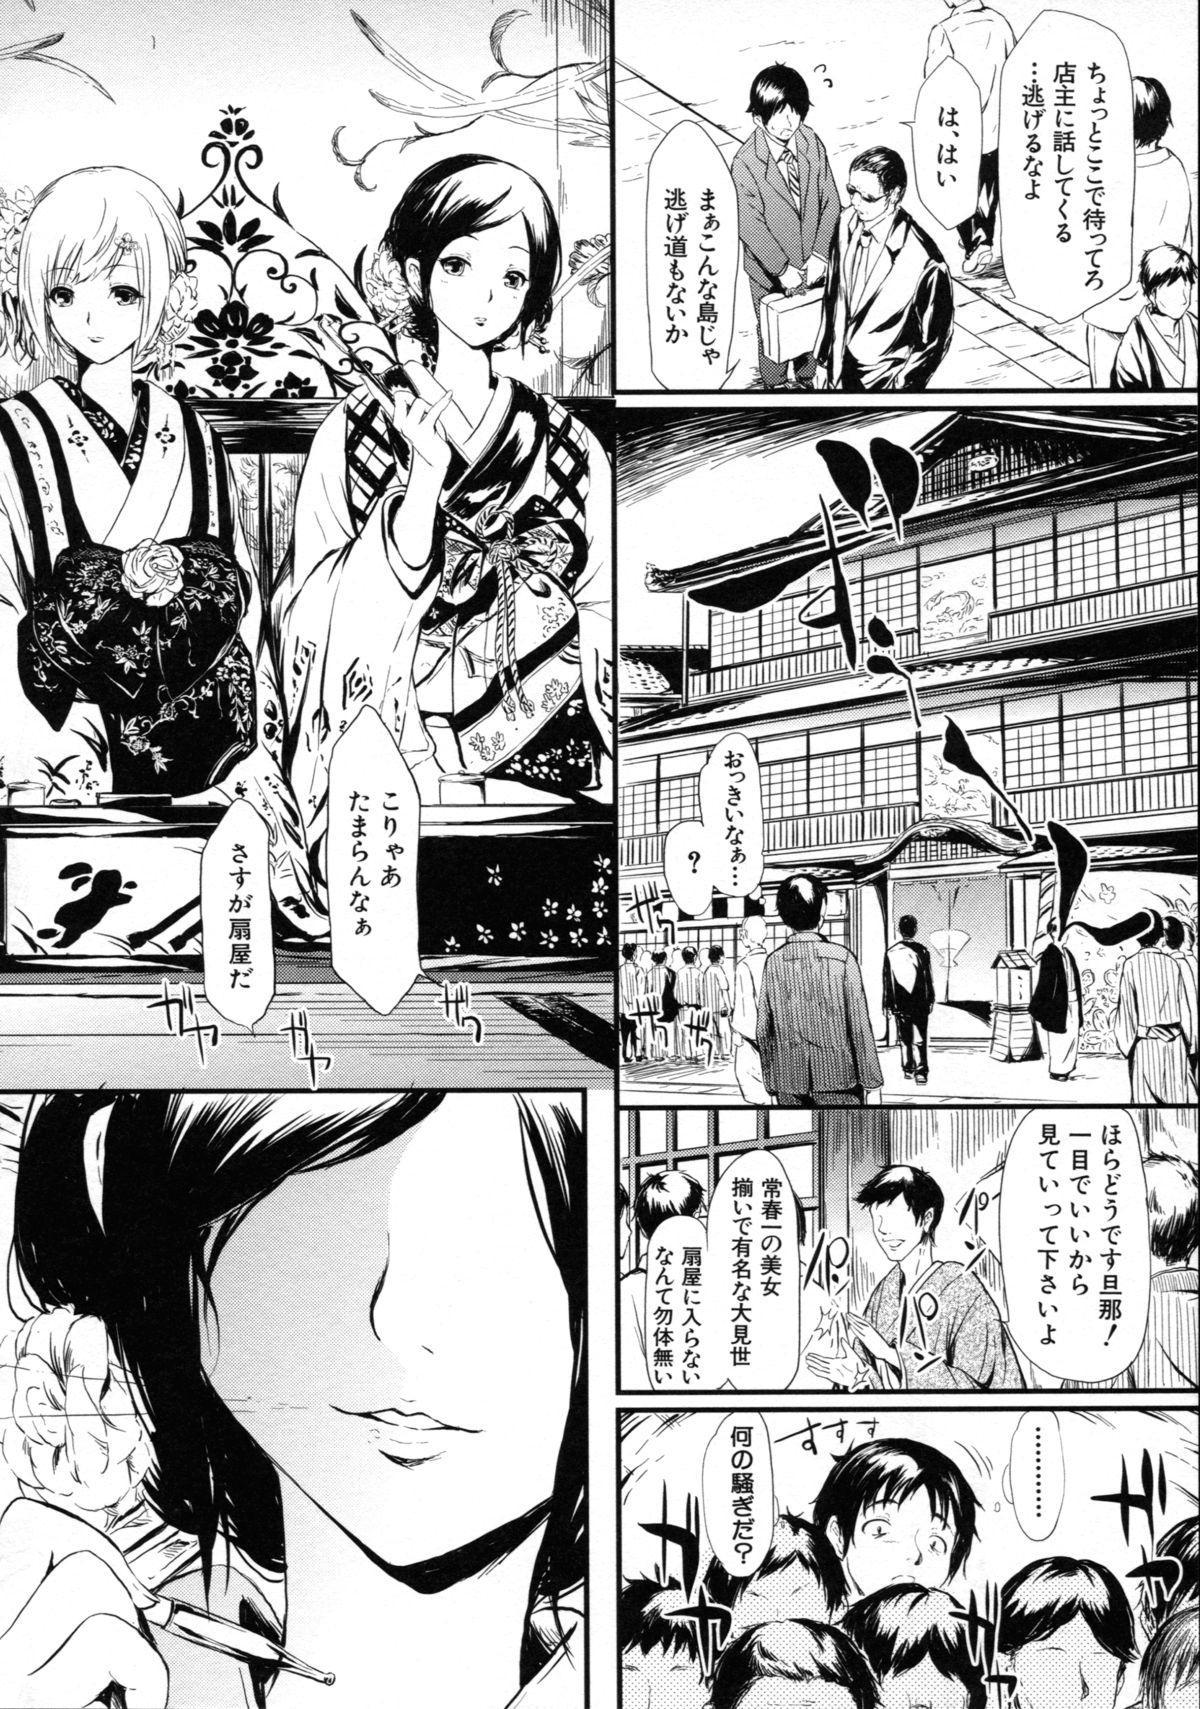 [Shiki Takuto] Tokoharu no Shoujo-tachi - The Girls in the Eternal Spring 12